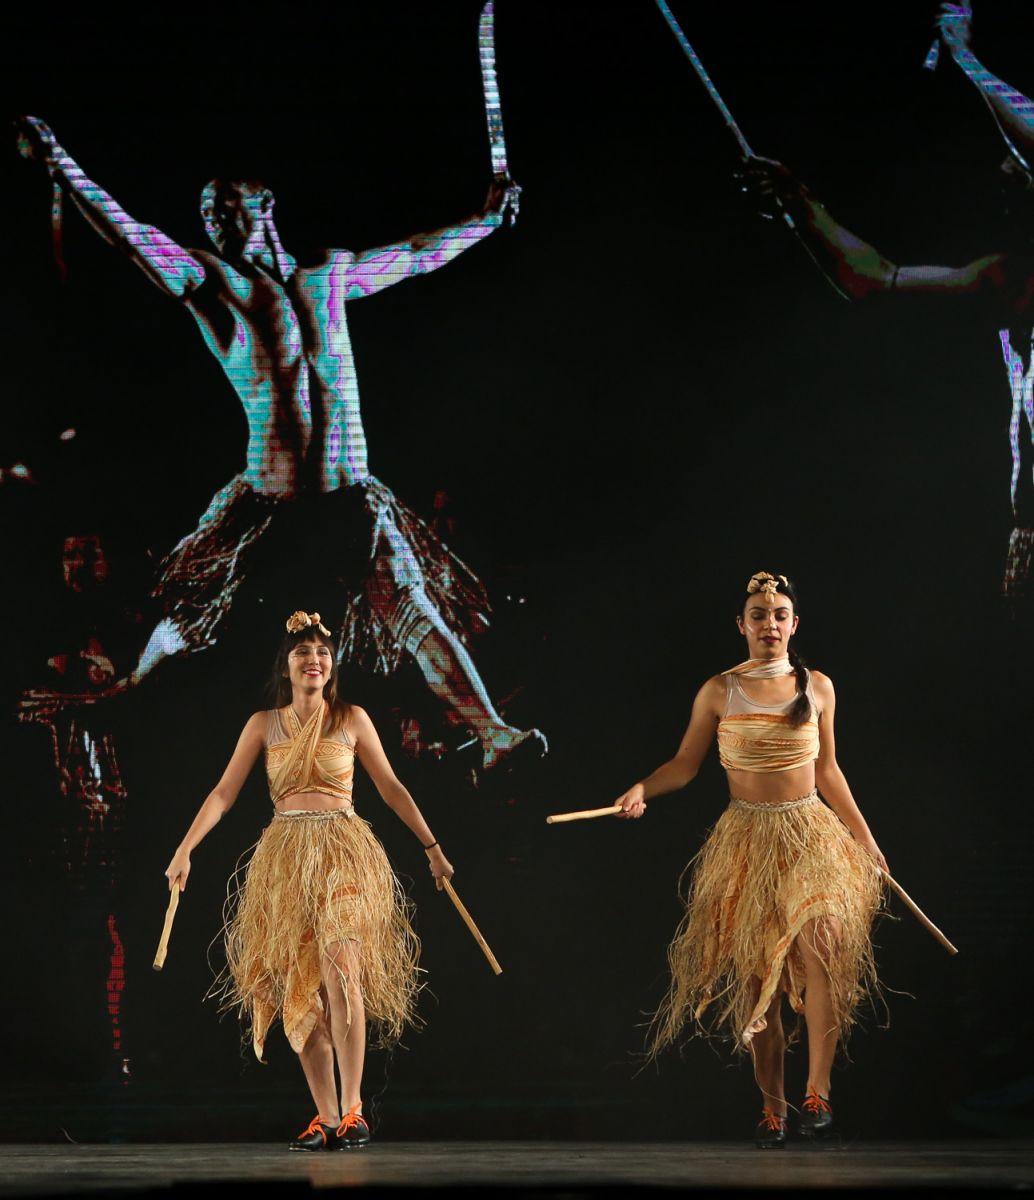 Fabio Menotti/Ag Palmeiras/Divulgação_Ballet clássico, jazz e sapateado foram alguns dos estilos de dança exibidos no espetáculo